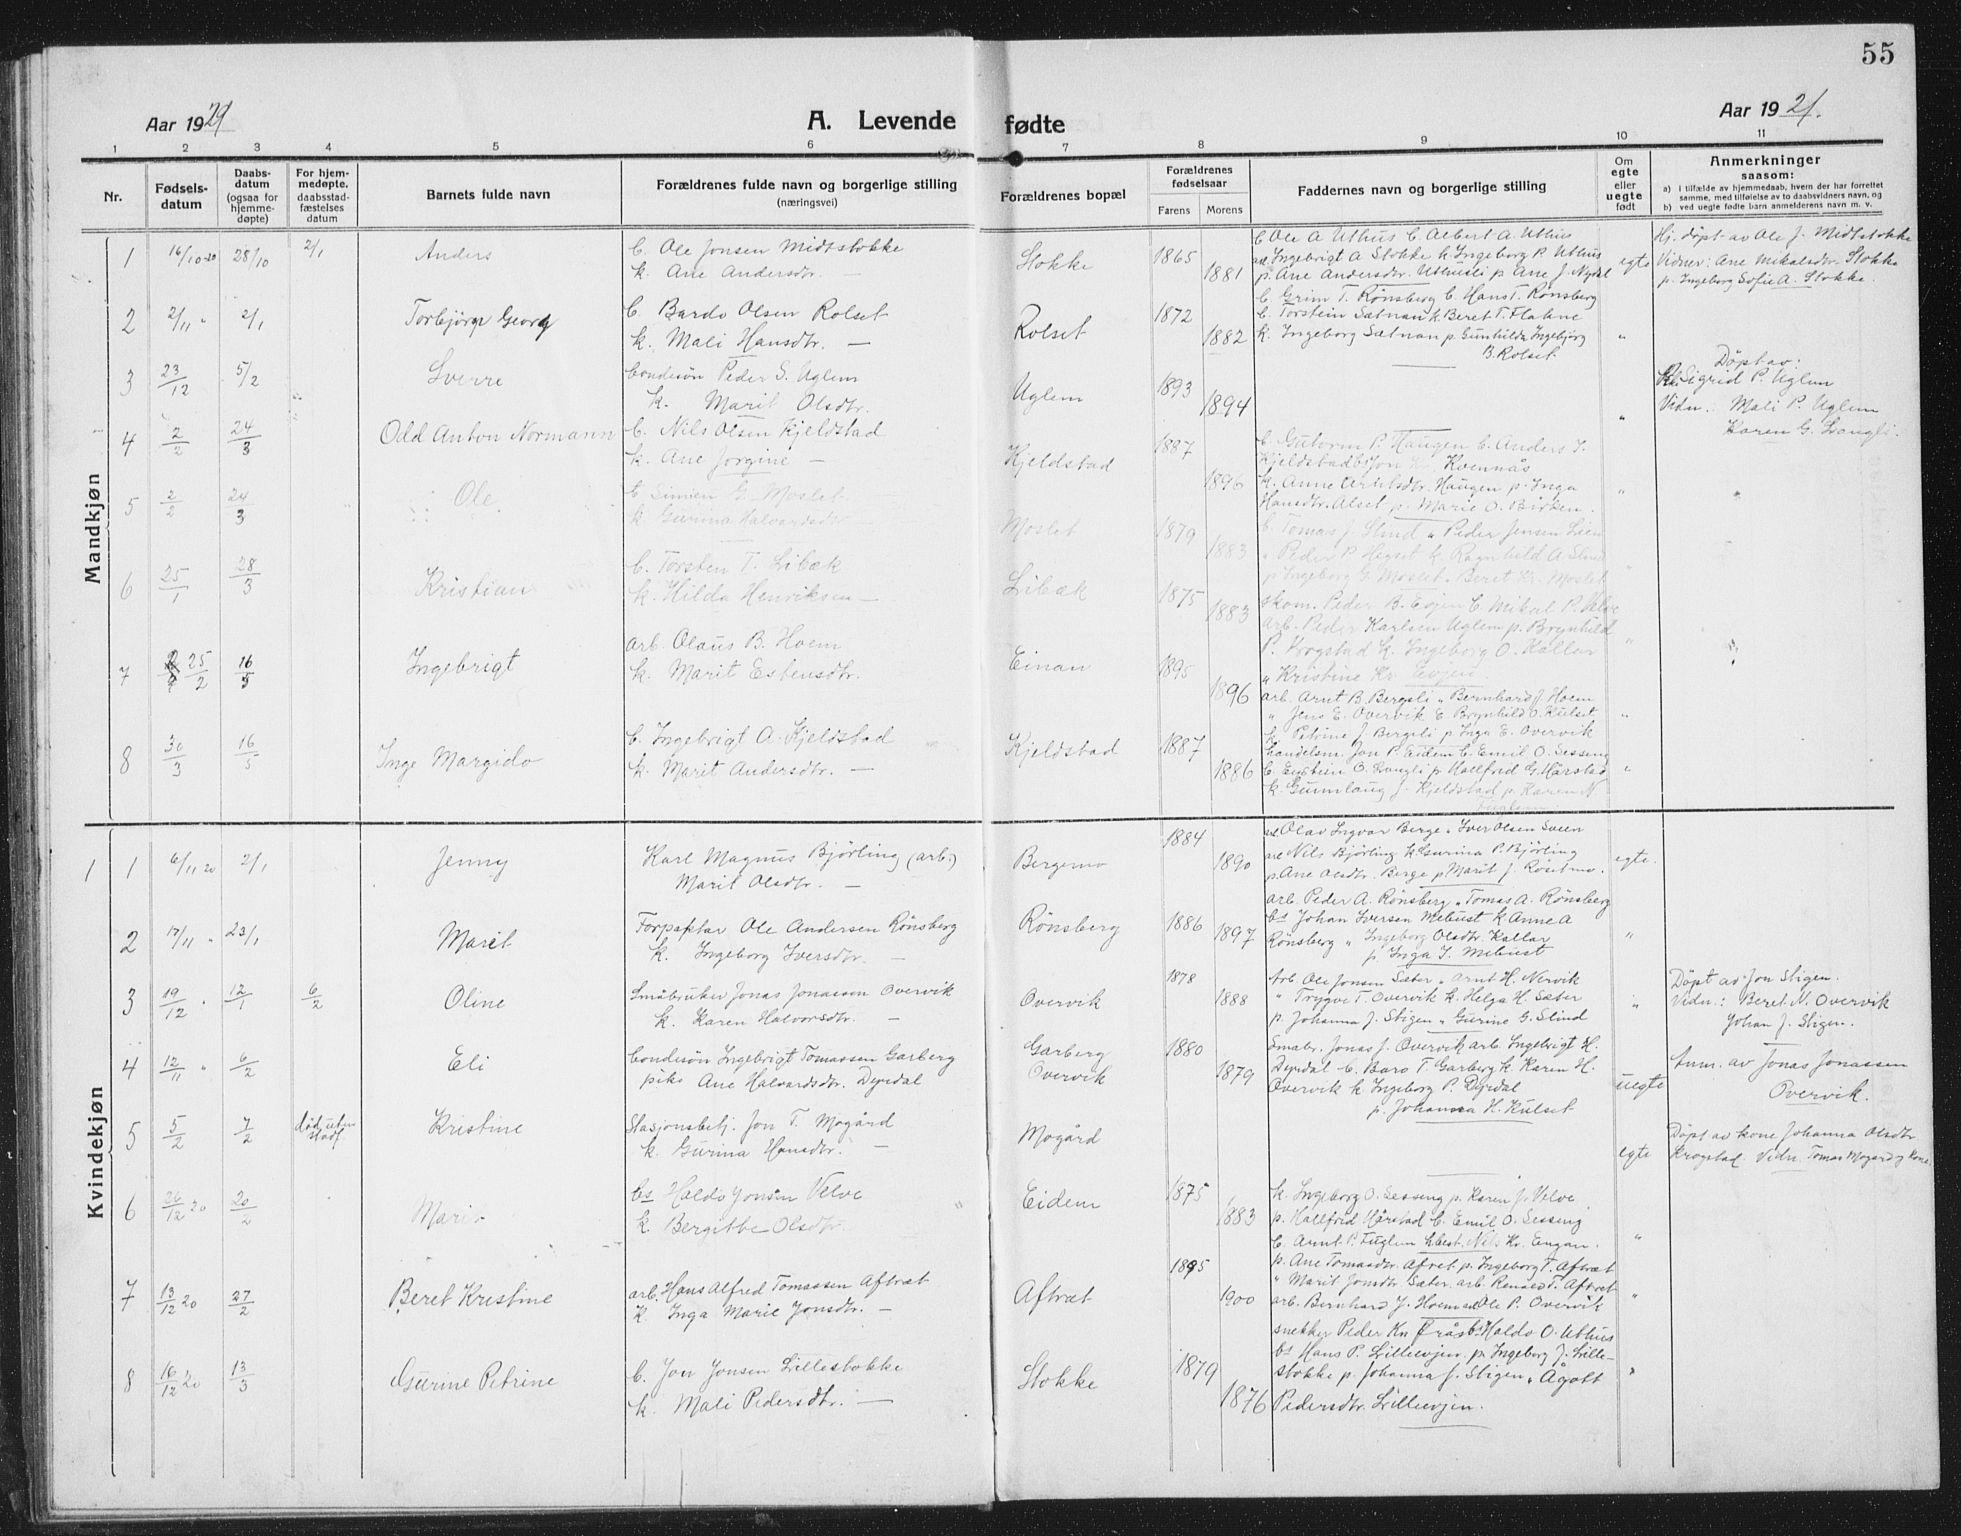 SAT, Ministerialprotokoller, klokkerbøker og fødselsregistre - Sør-Trøndelag, 695/L1158: Klokkerbok nr. 695C09, 1913-1940, s. 55